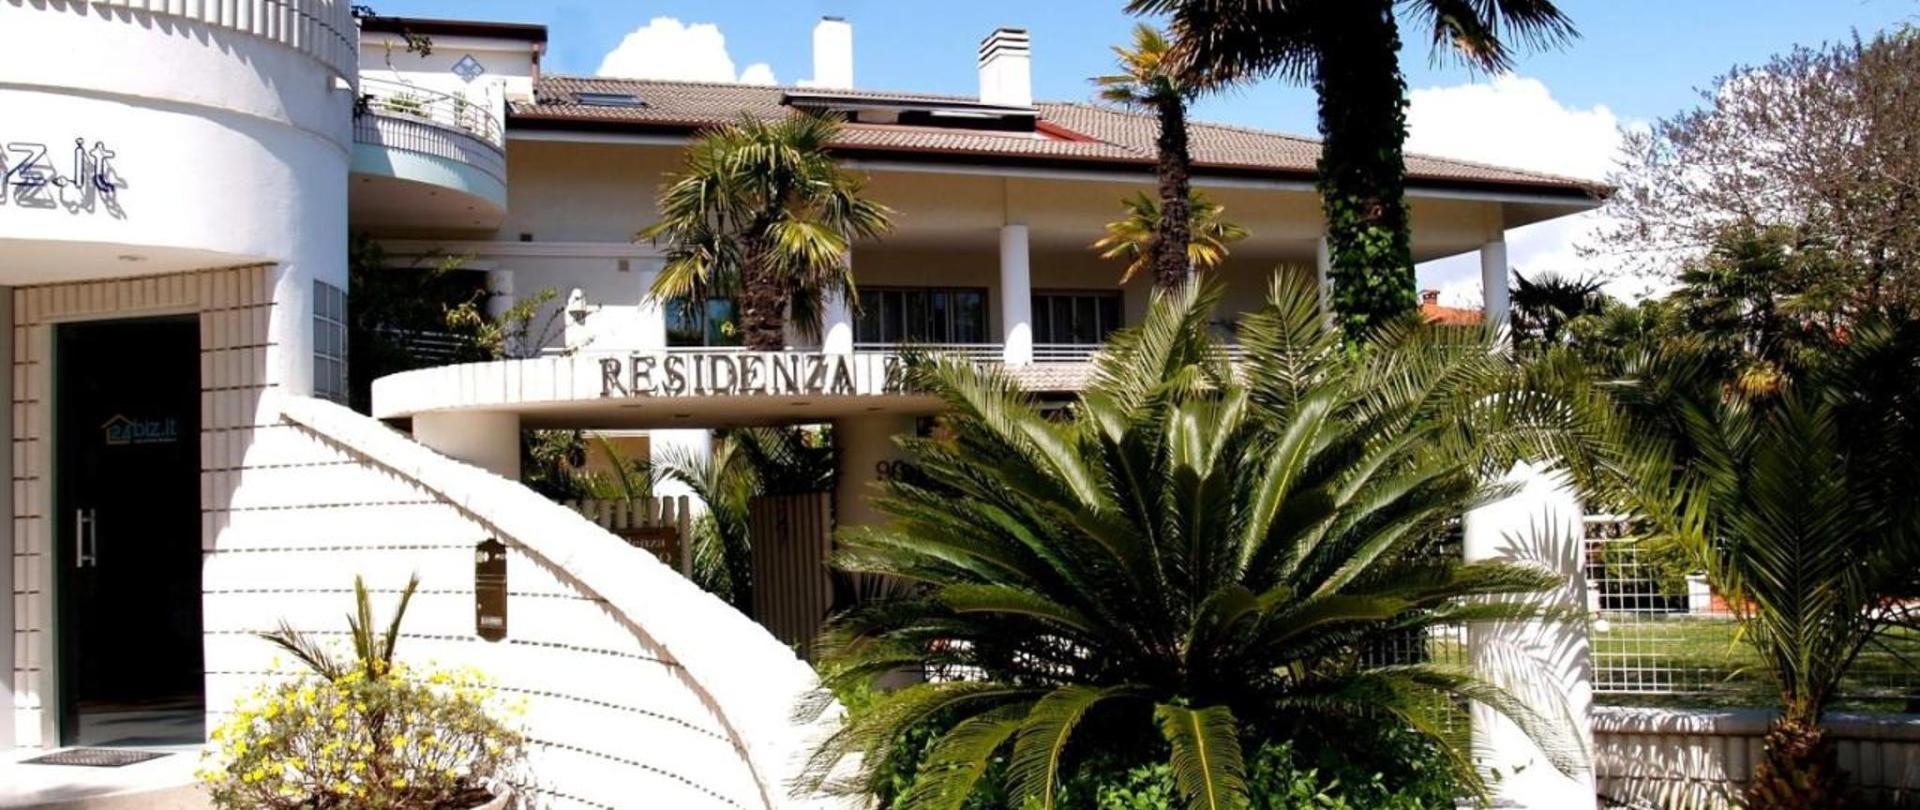 Residenza Zaccolo a Lignano vicino al centro e alla spiaggia